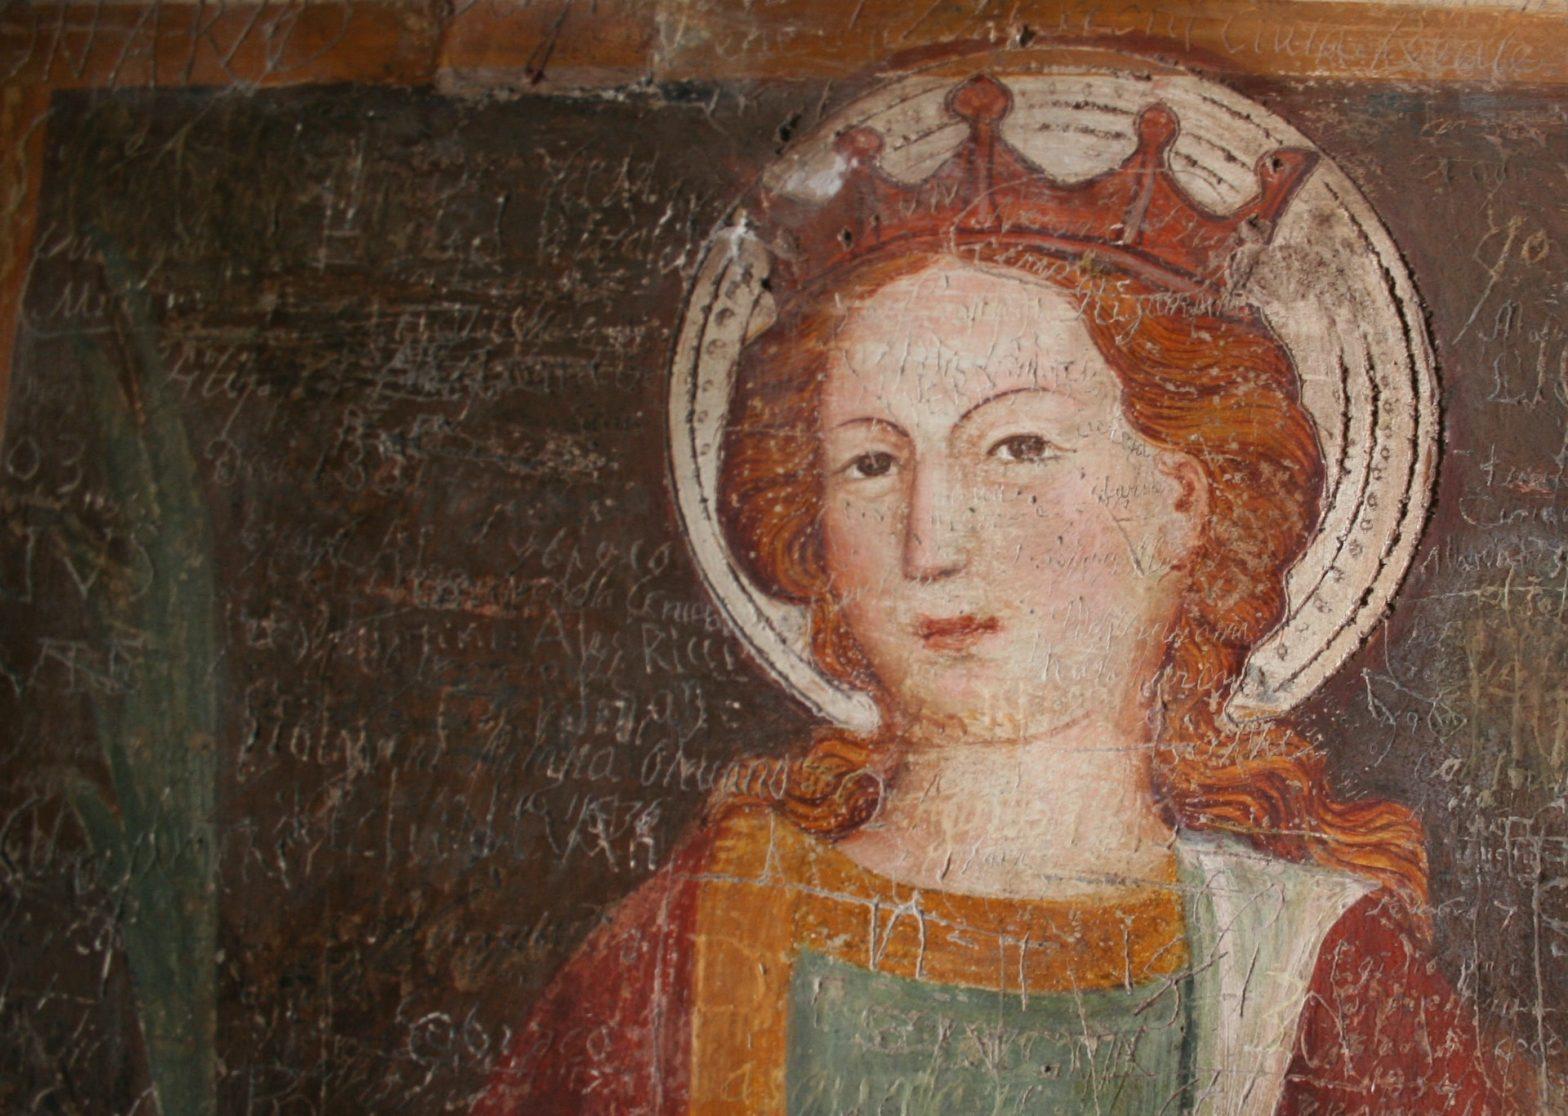 Dipinto medievale di donna con aureola e corona